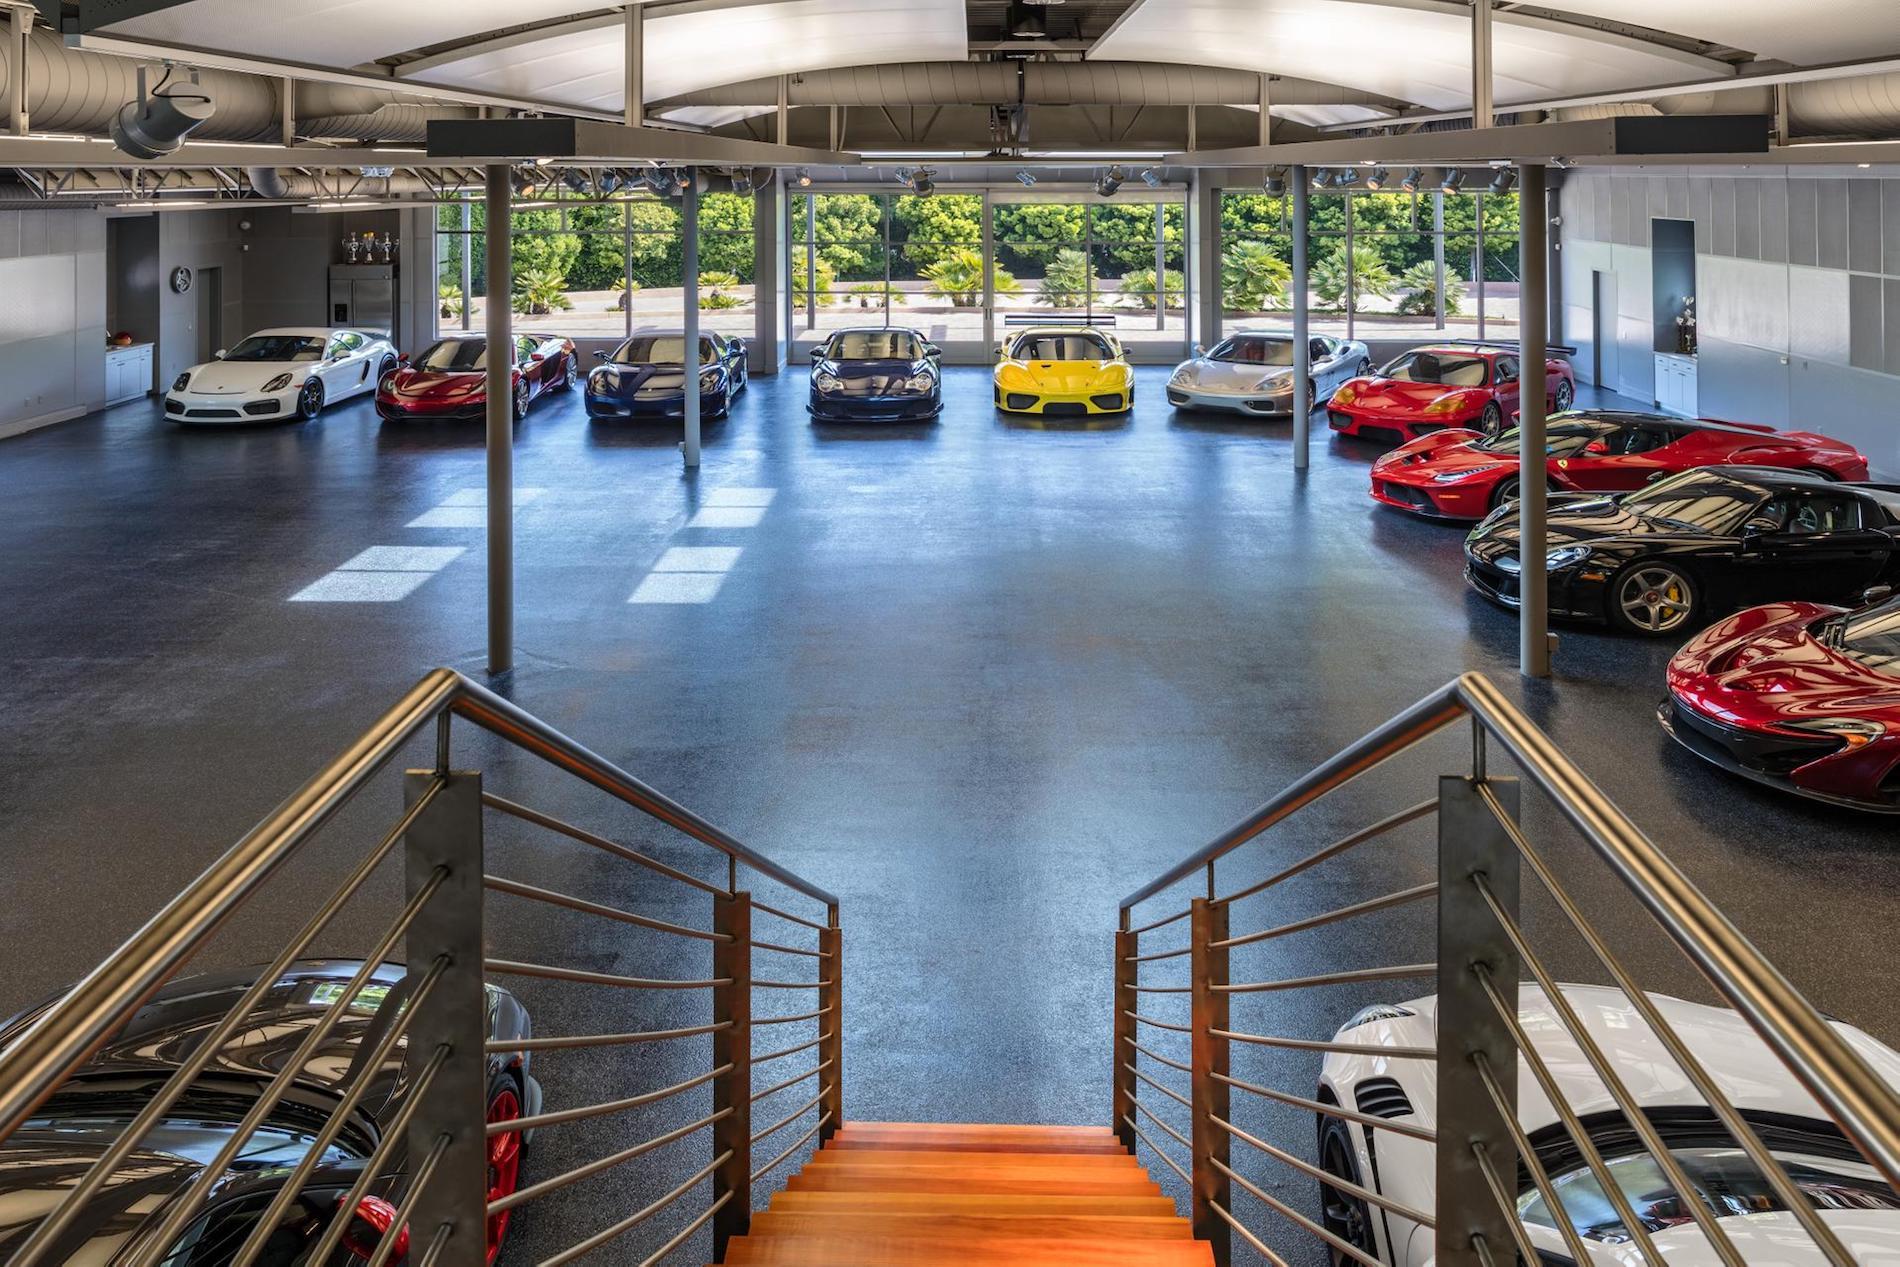 Eine Garage für $10 Millionen Dollar: Das private Automuseum in Malibu wird verkauft 5